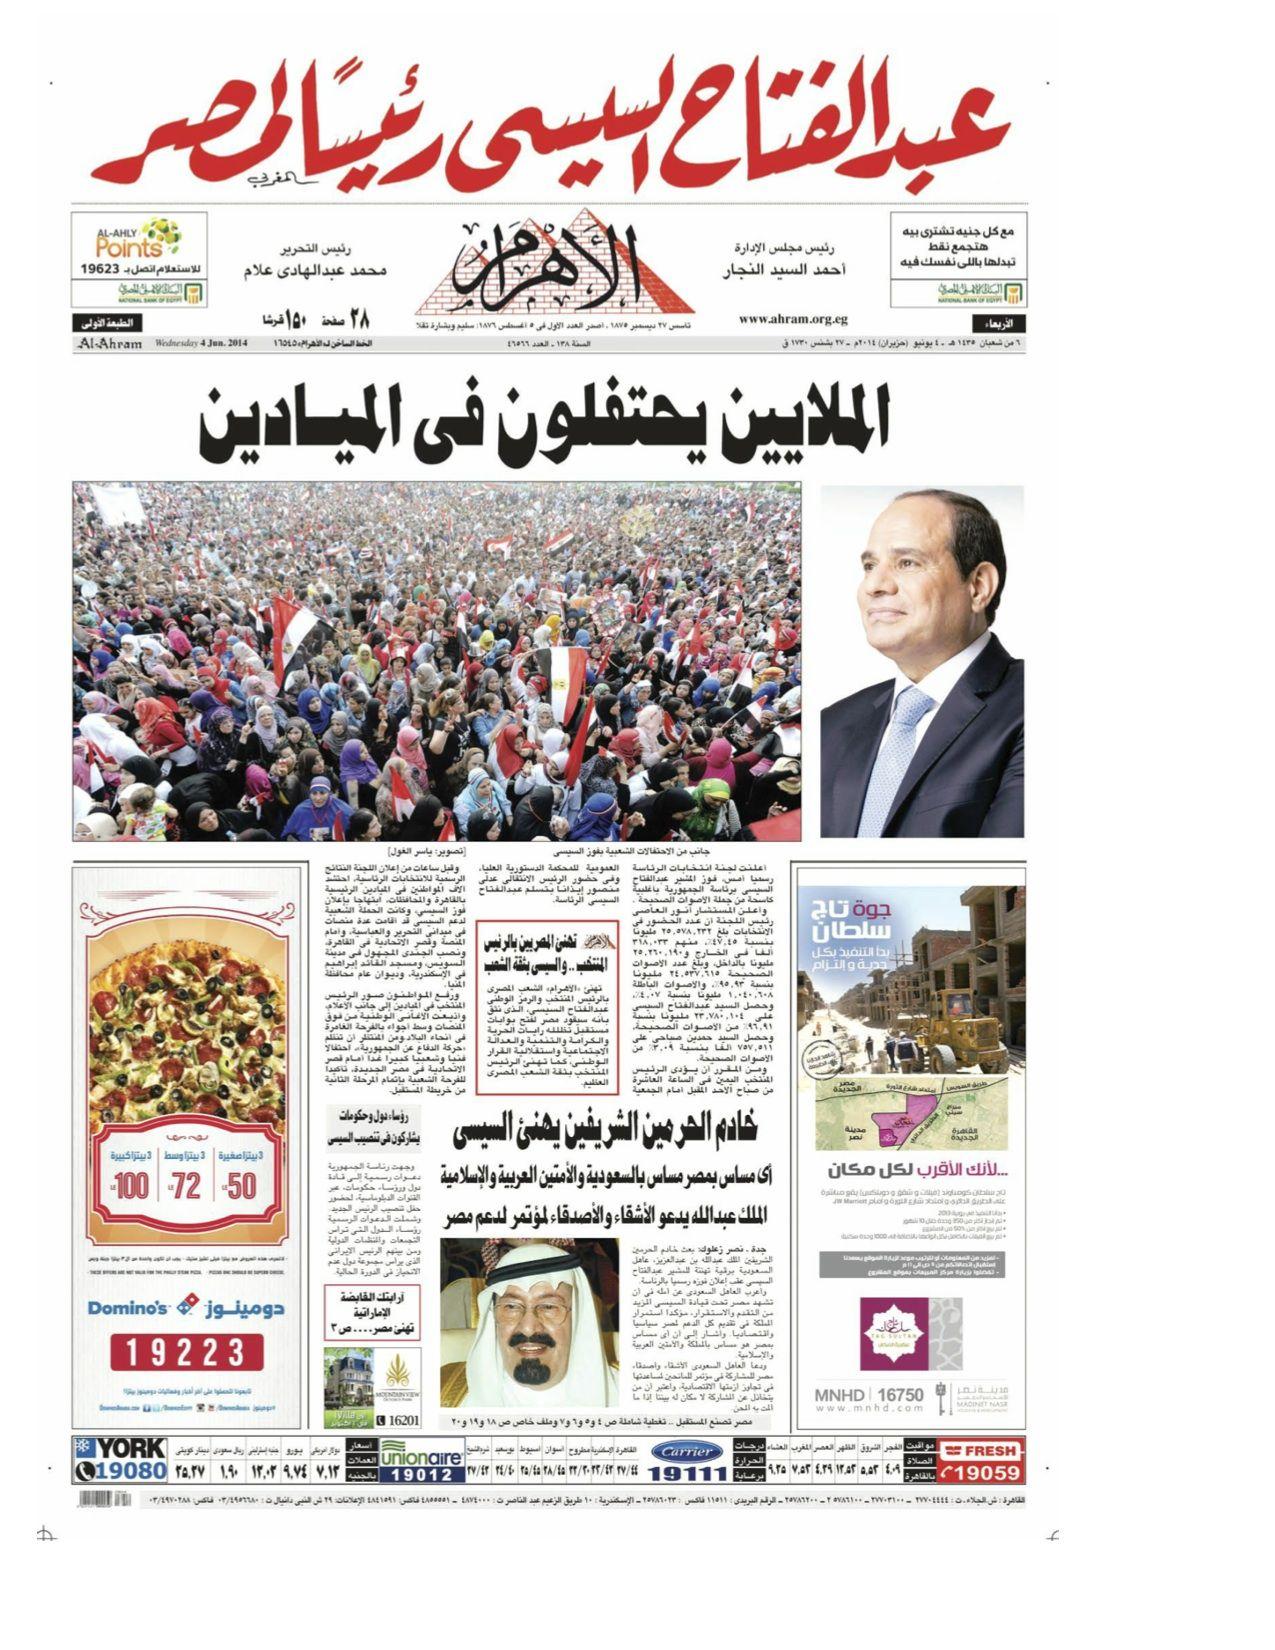 Abdel Fattah al-Sisi is President of Egypt